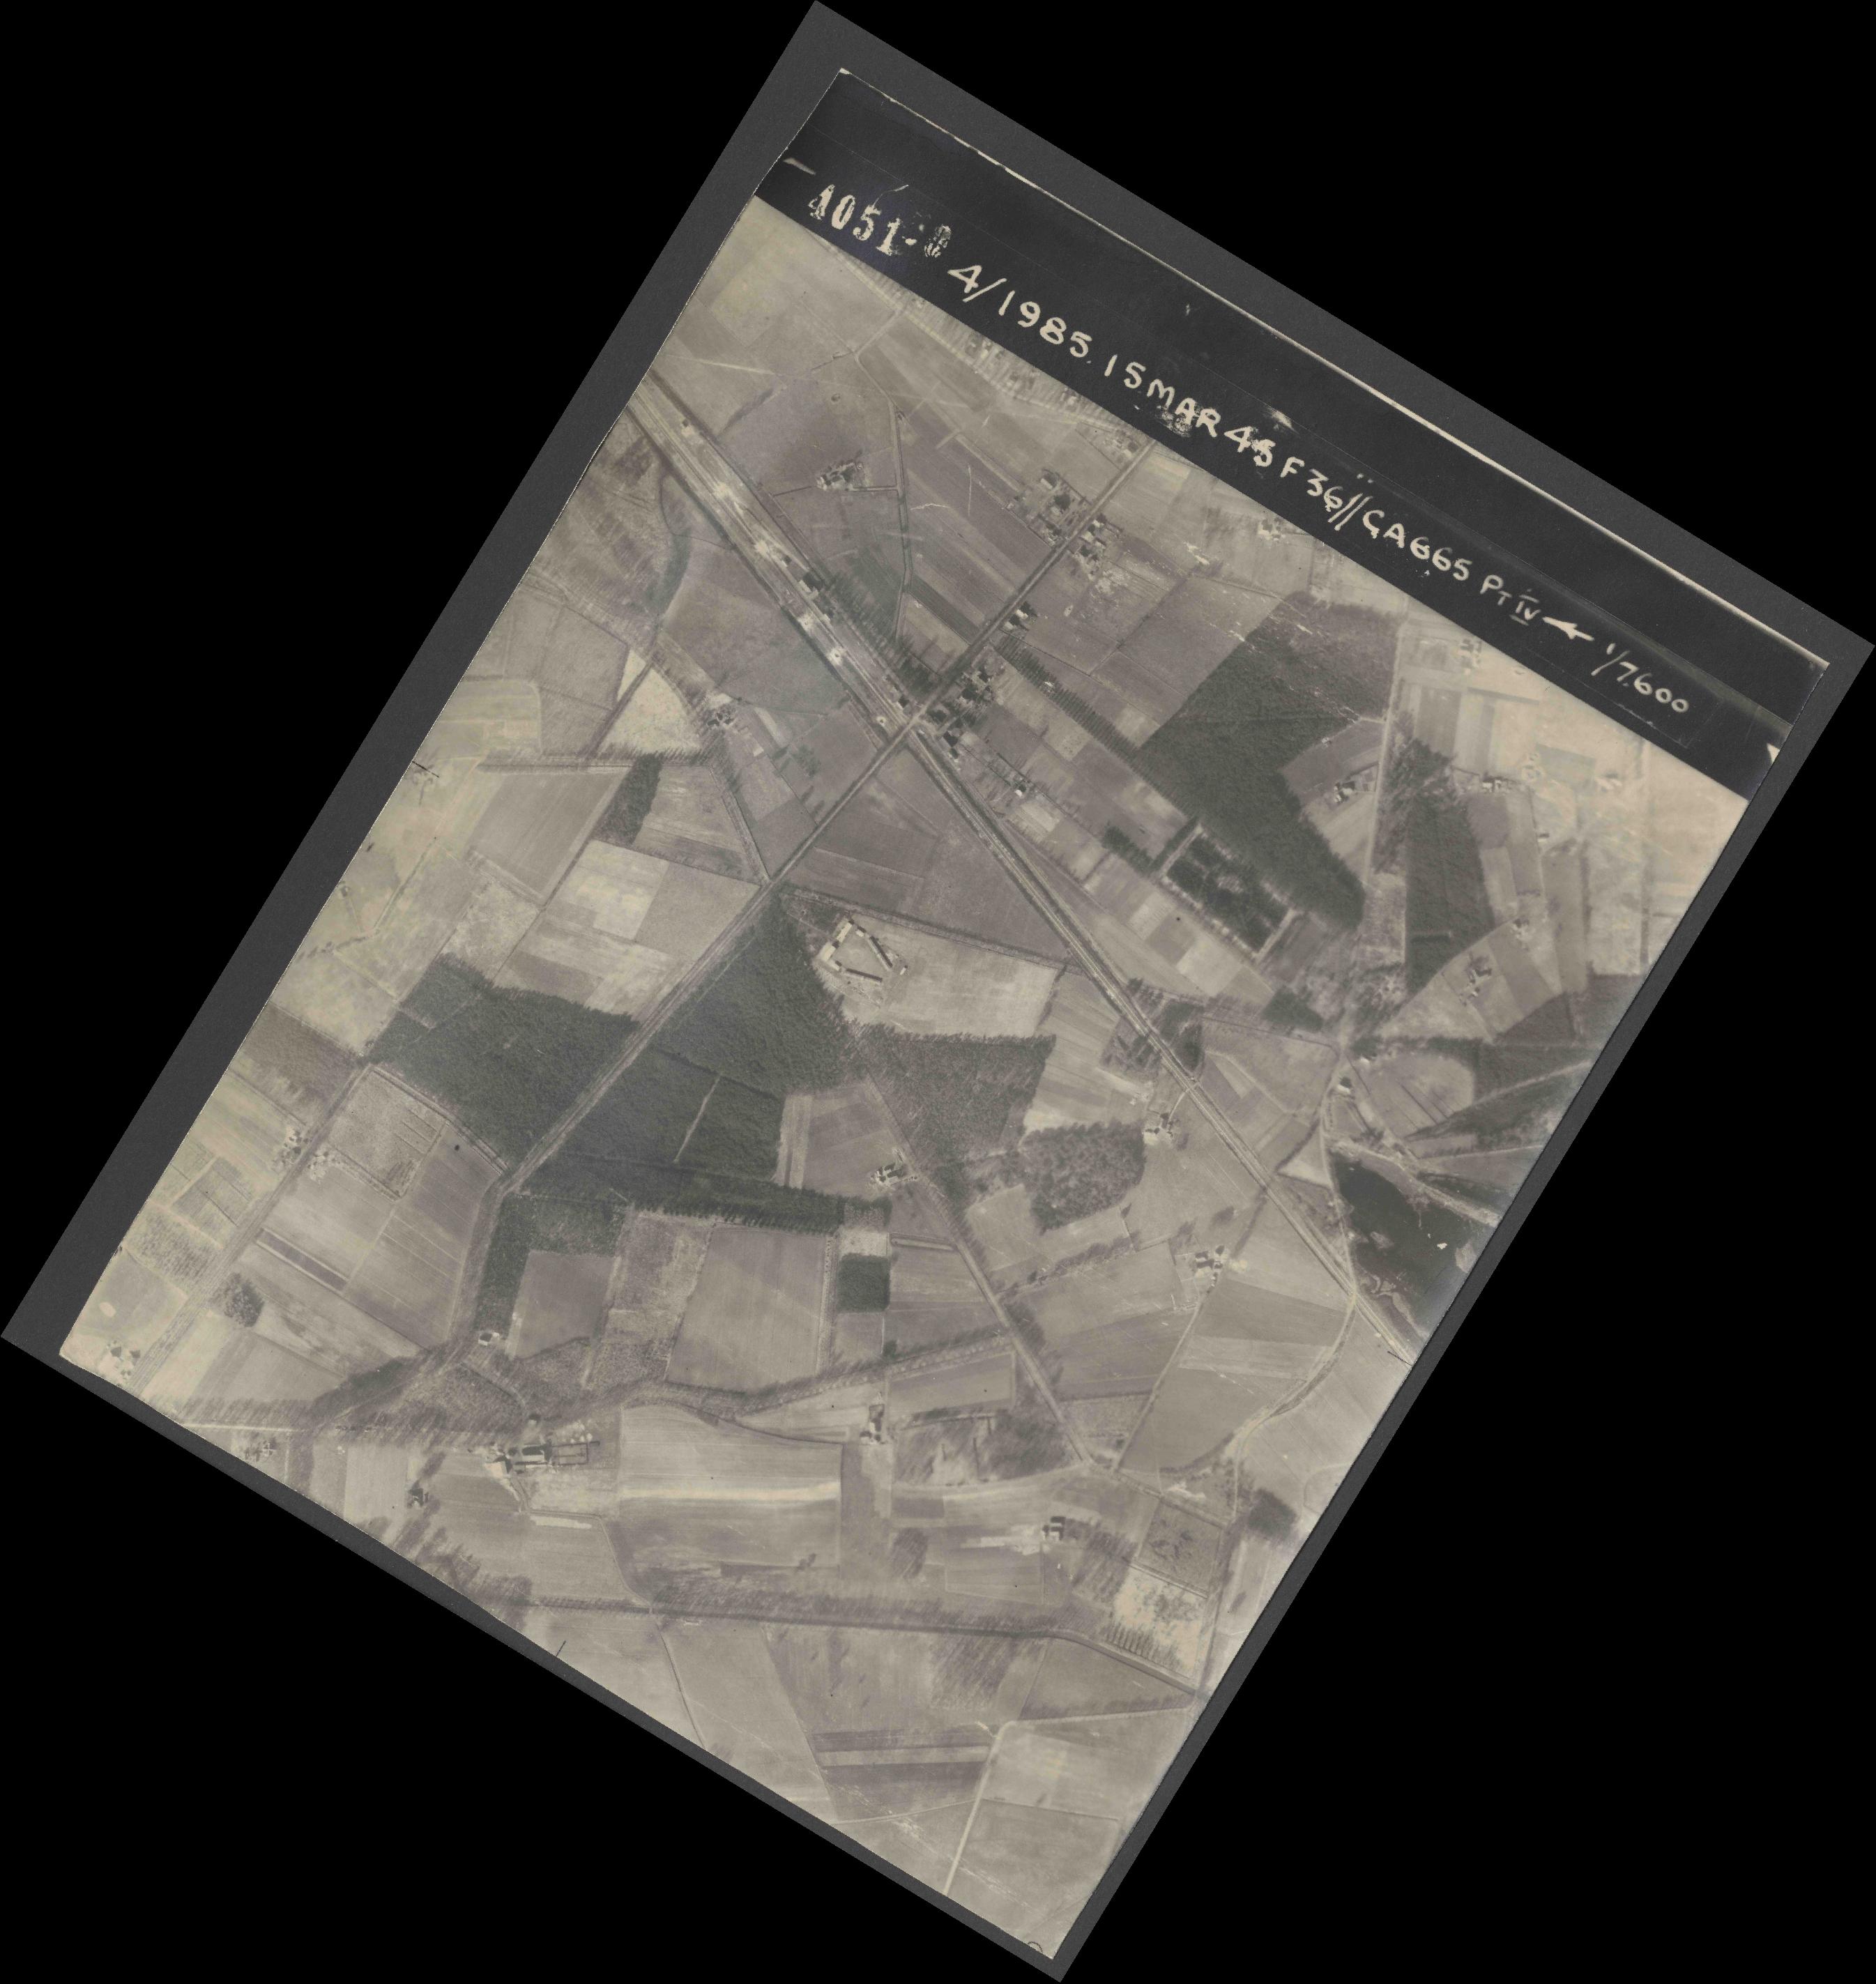 Collection RAF aerial photos 1940-1945 - flight 059, run 03, photo 4051